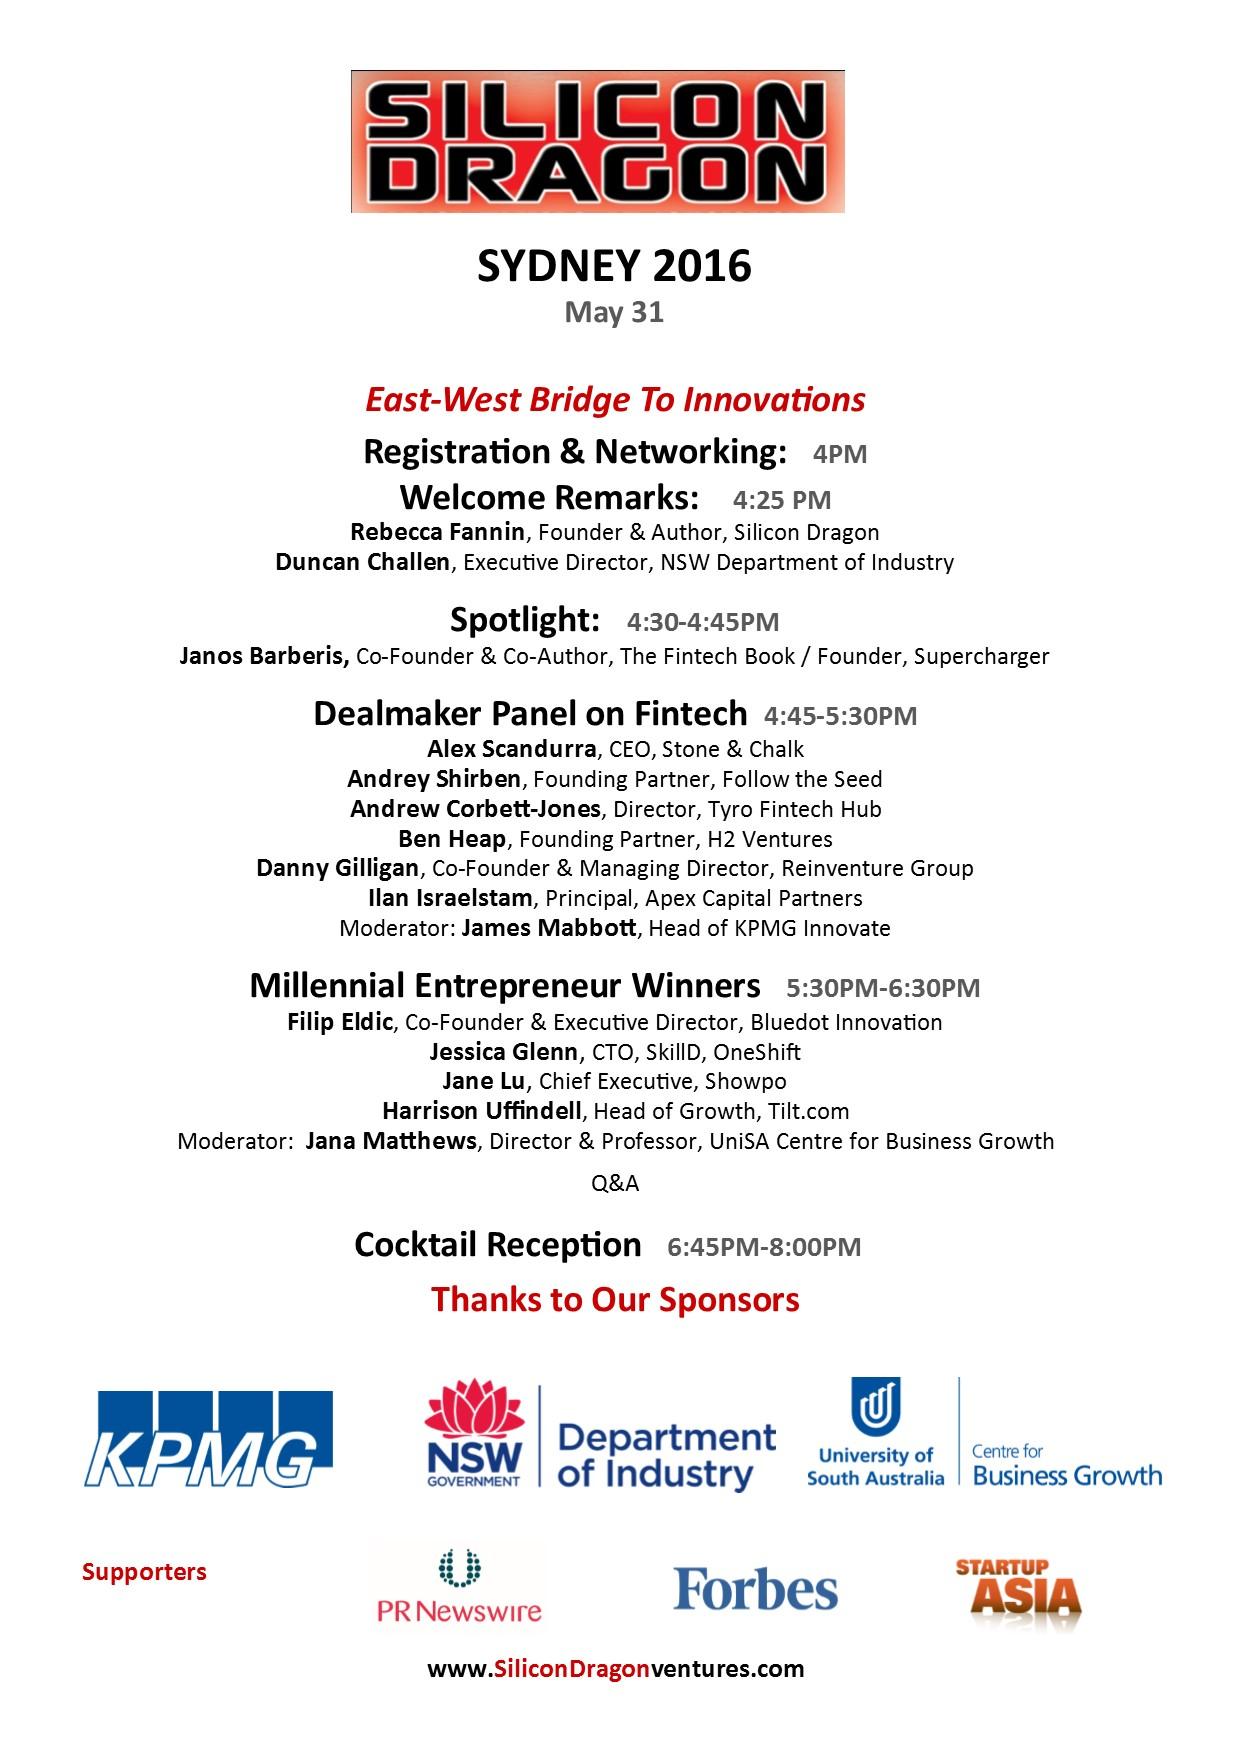 Silicon Dragon Sydney 2016